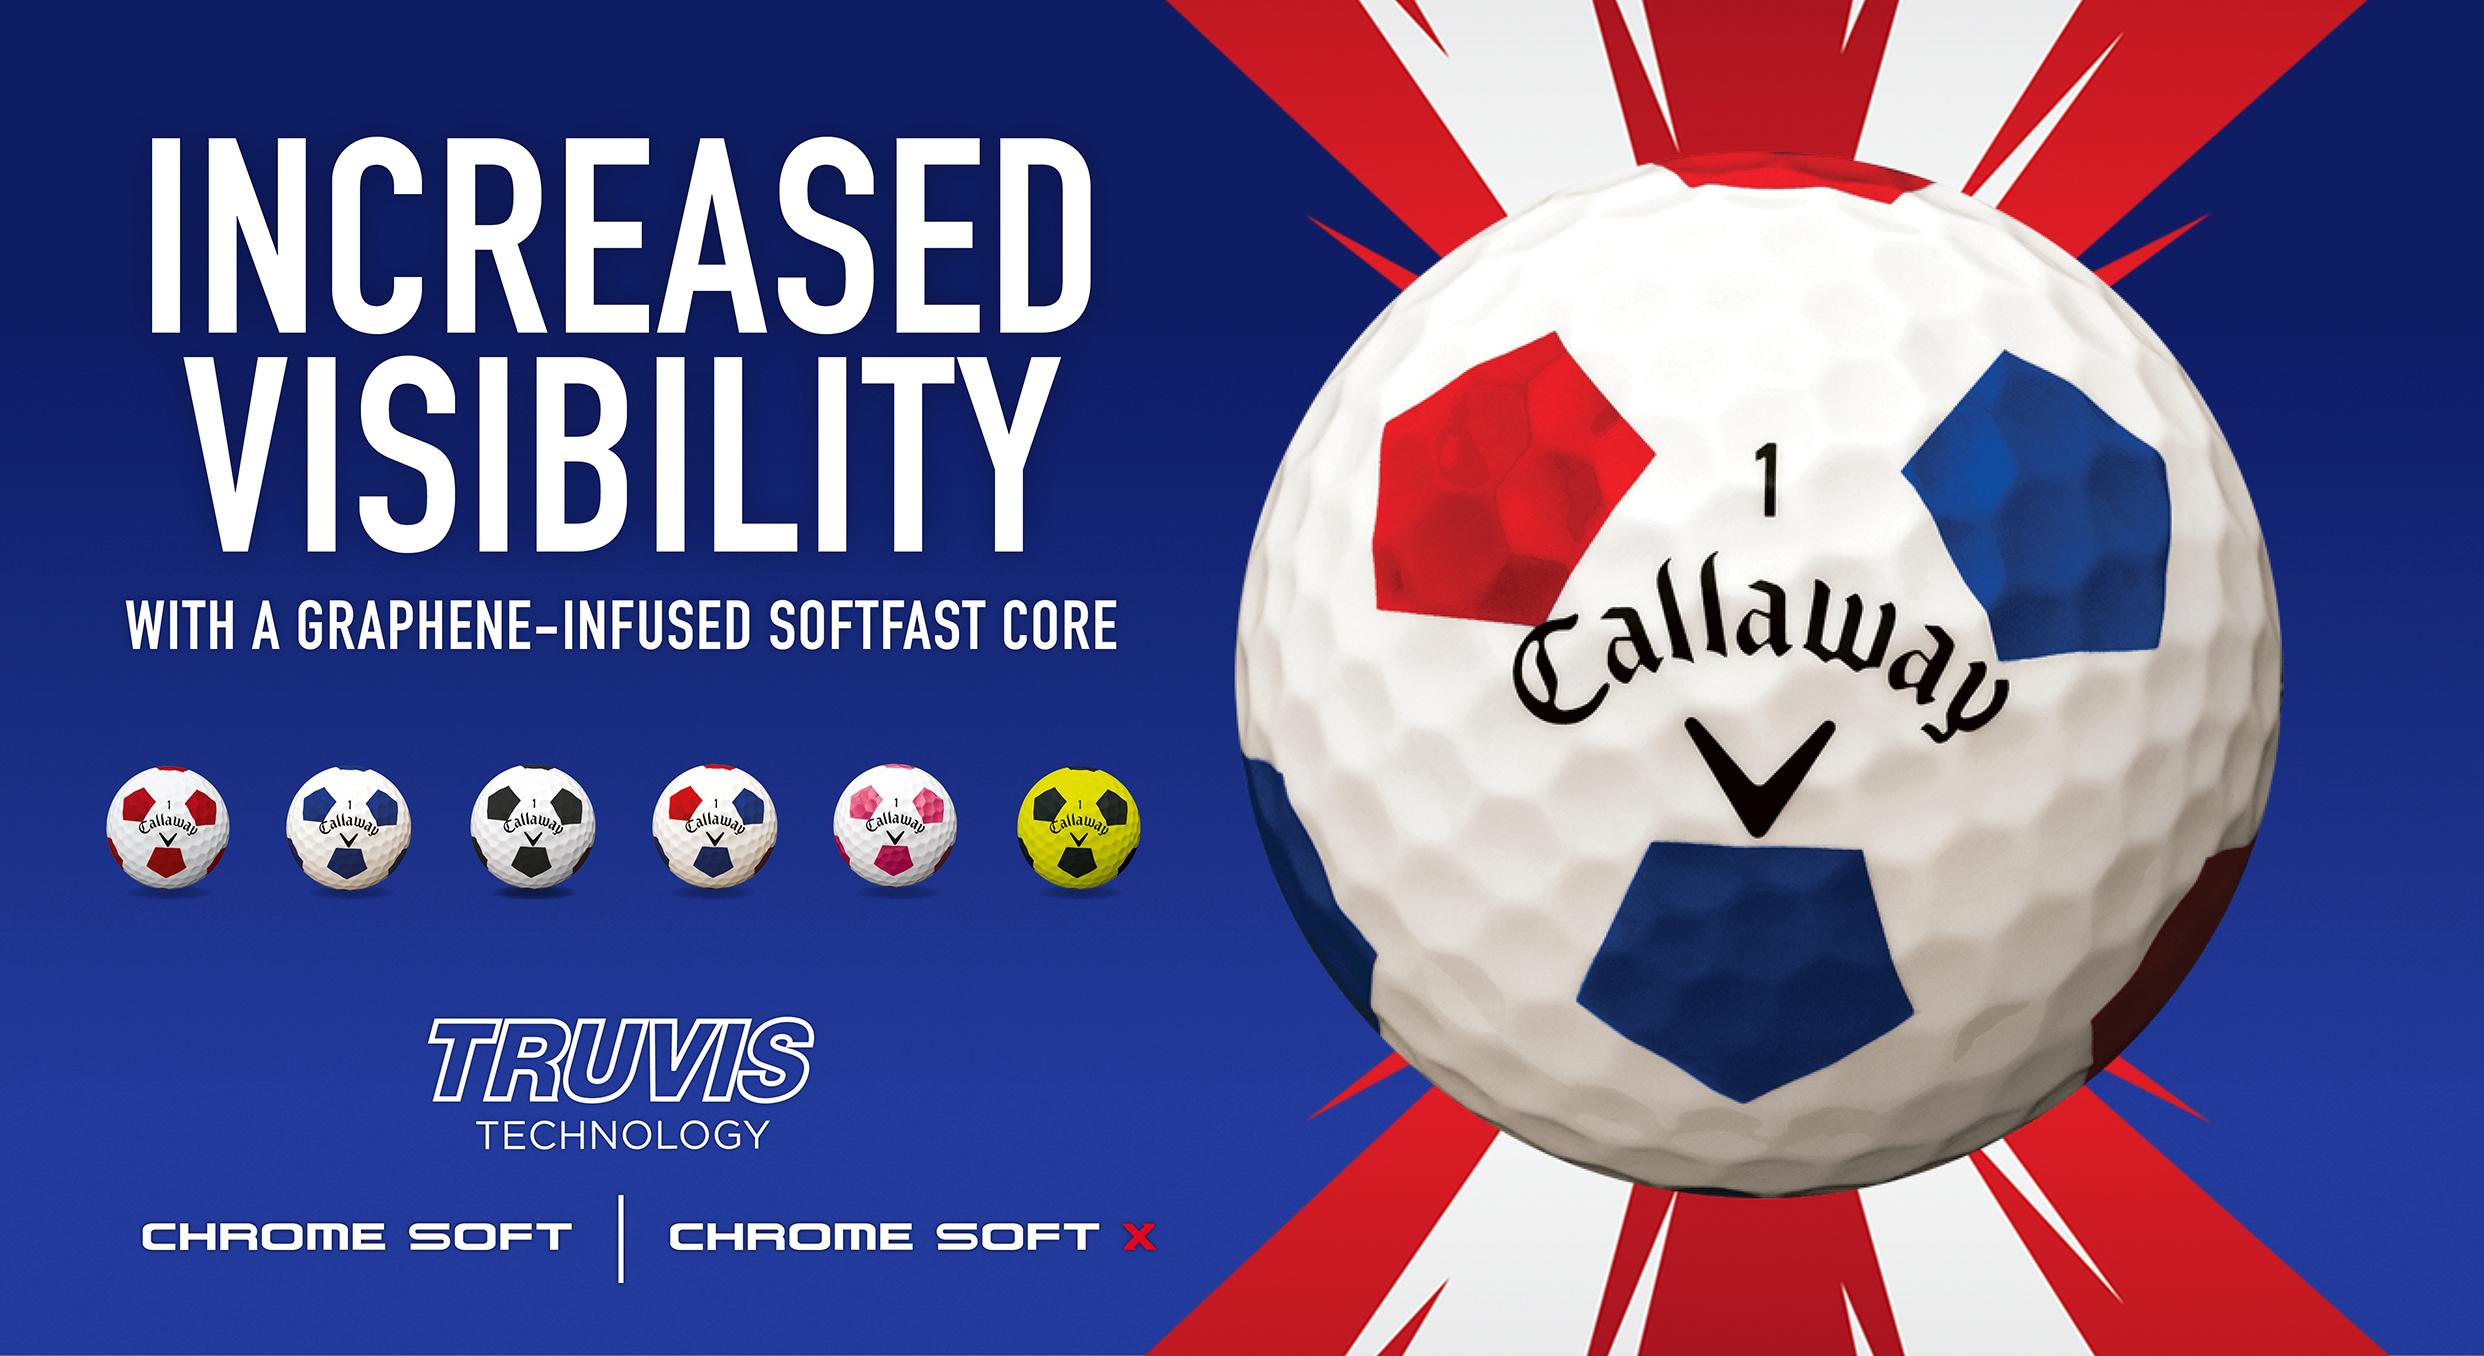 Callaway Truvis Golf Balls